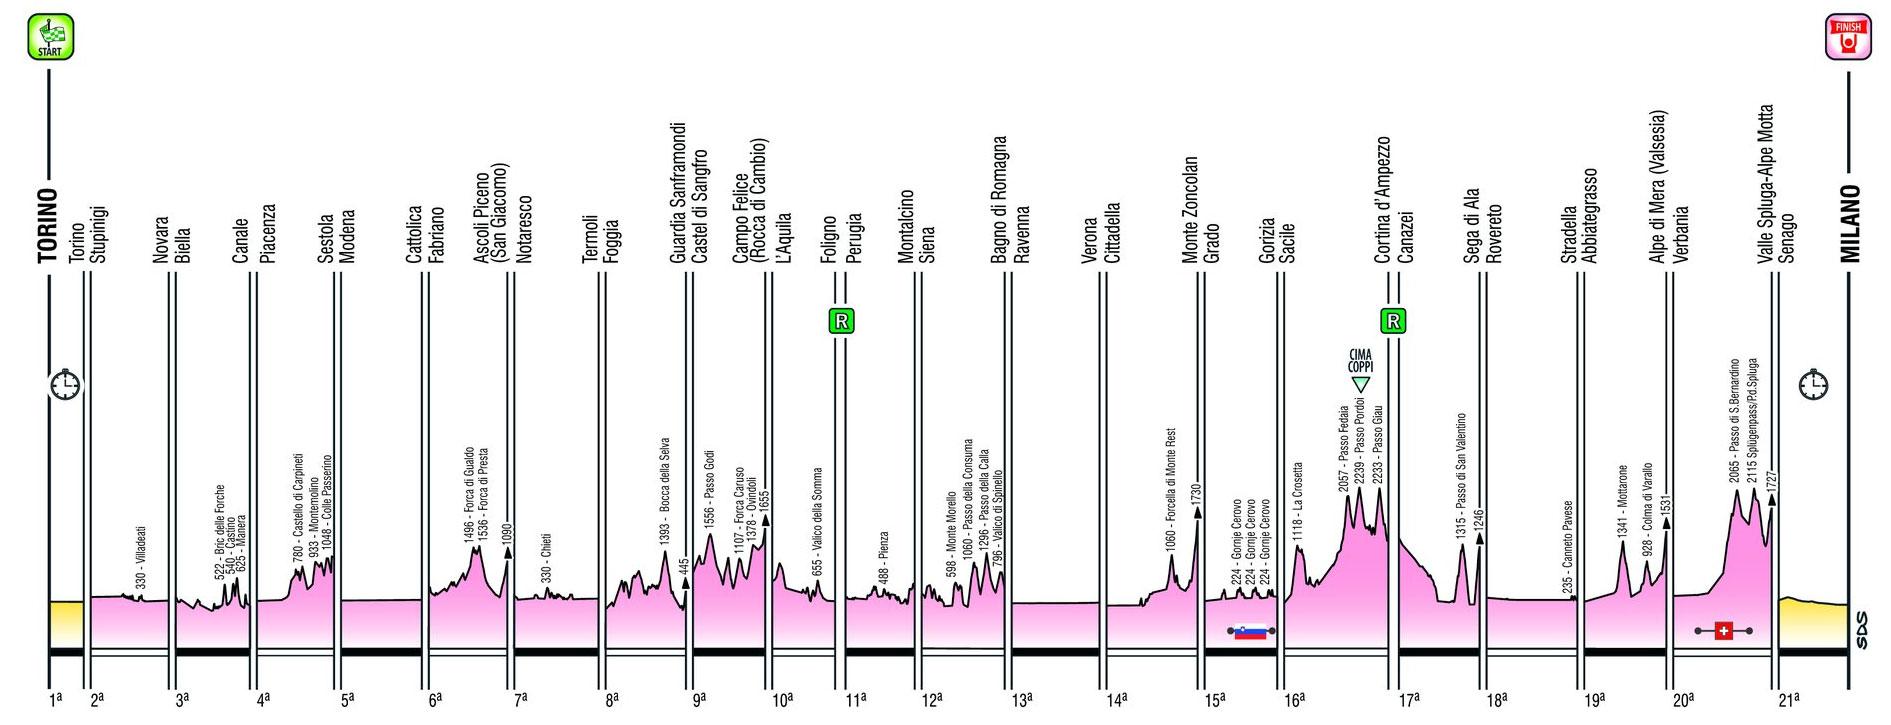 Perfiles de las Etapas del Giro de Italia 2021